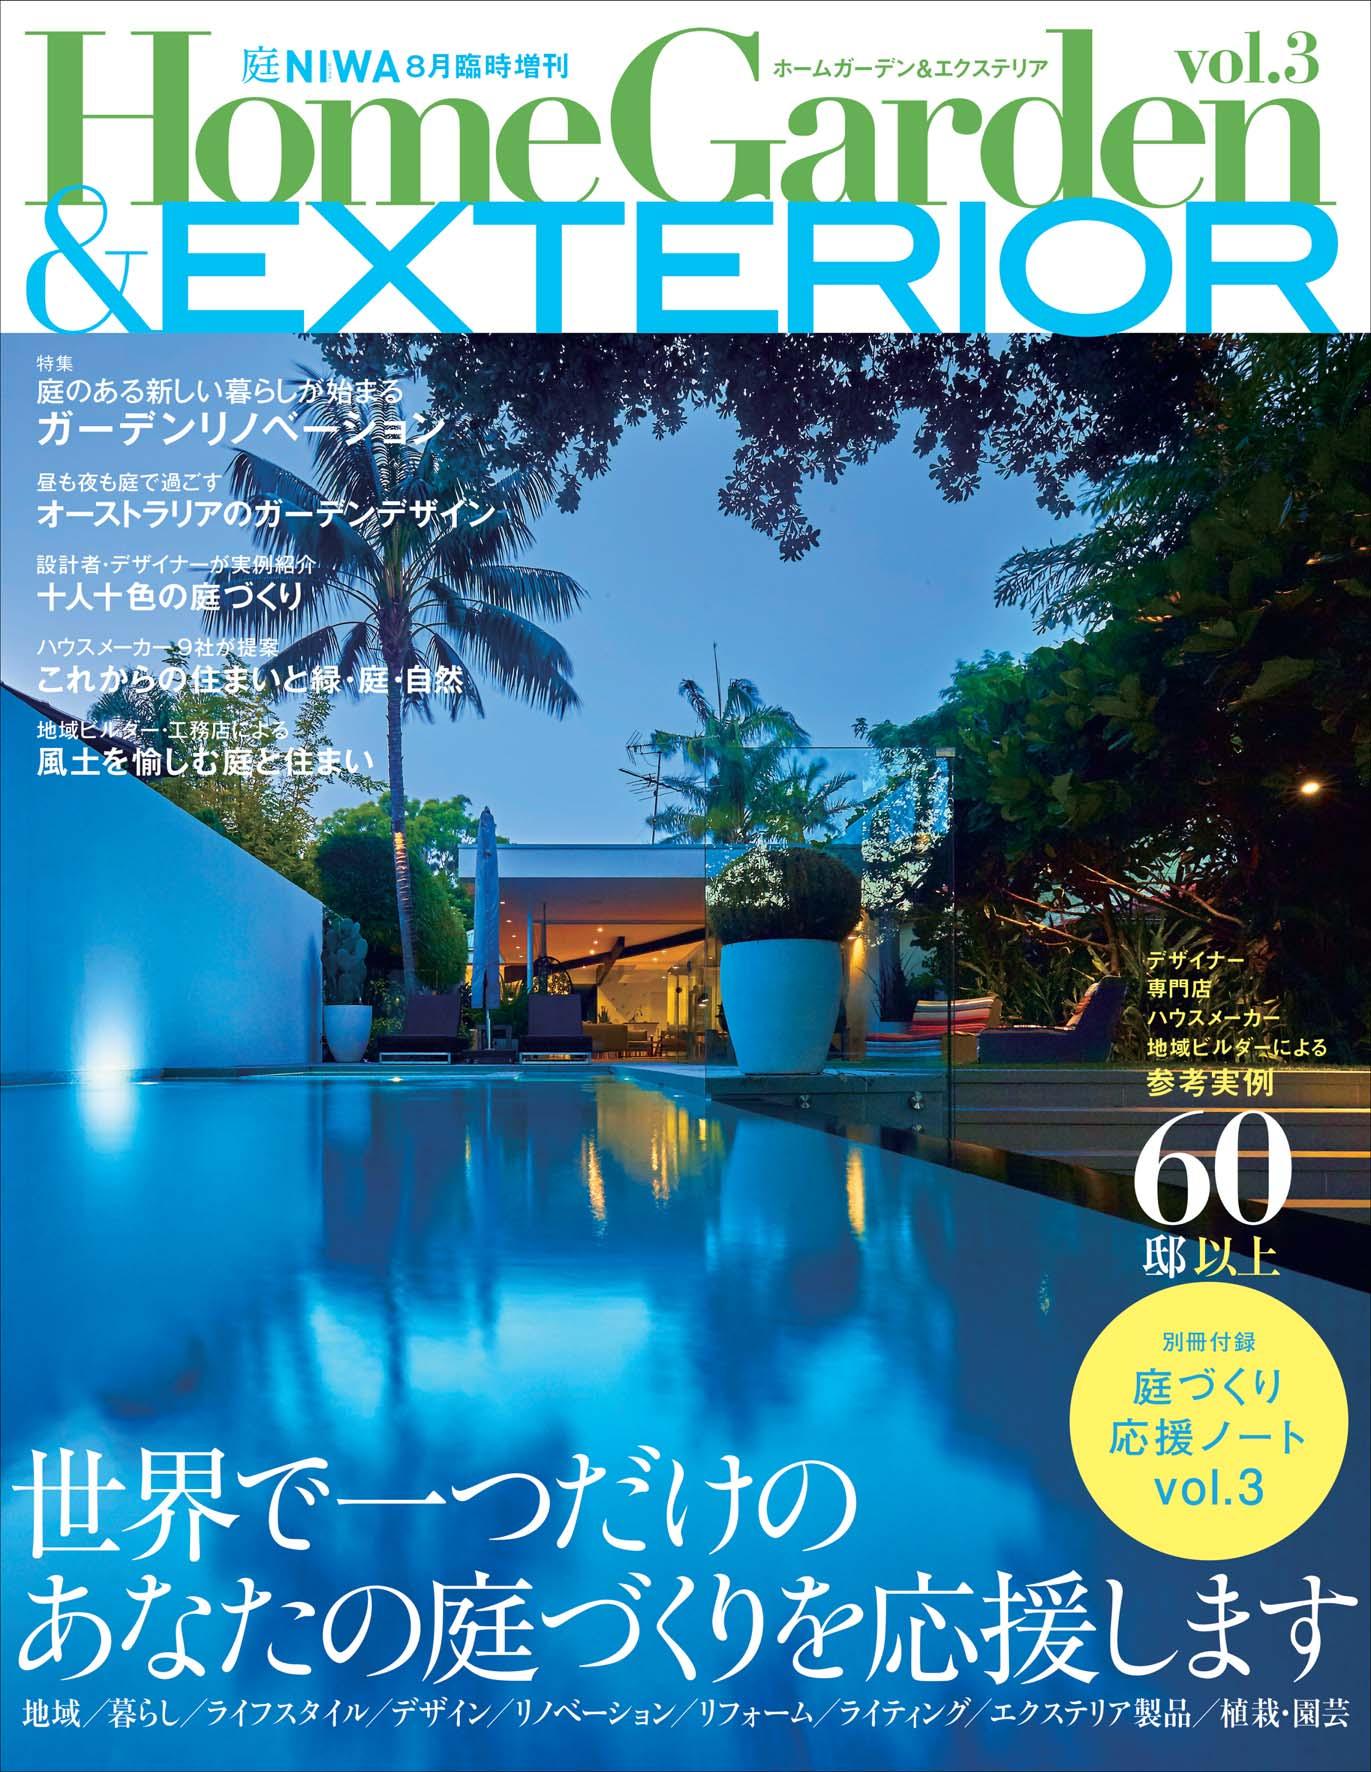 庭臨時増刊8月 HomeGarden&EXTERIOR vol.3  7月29日発売です